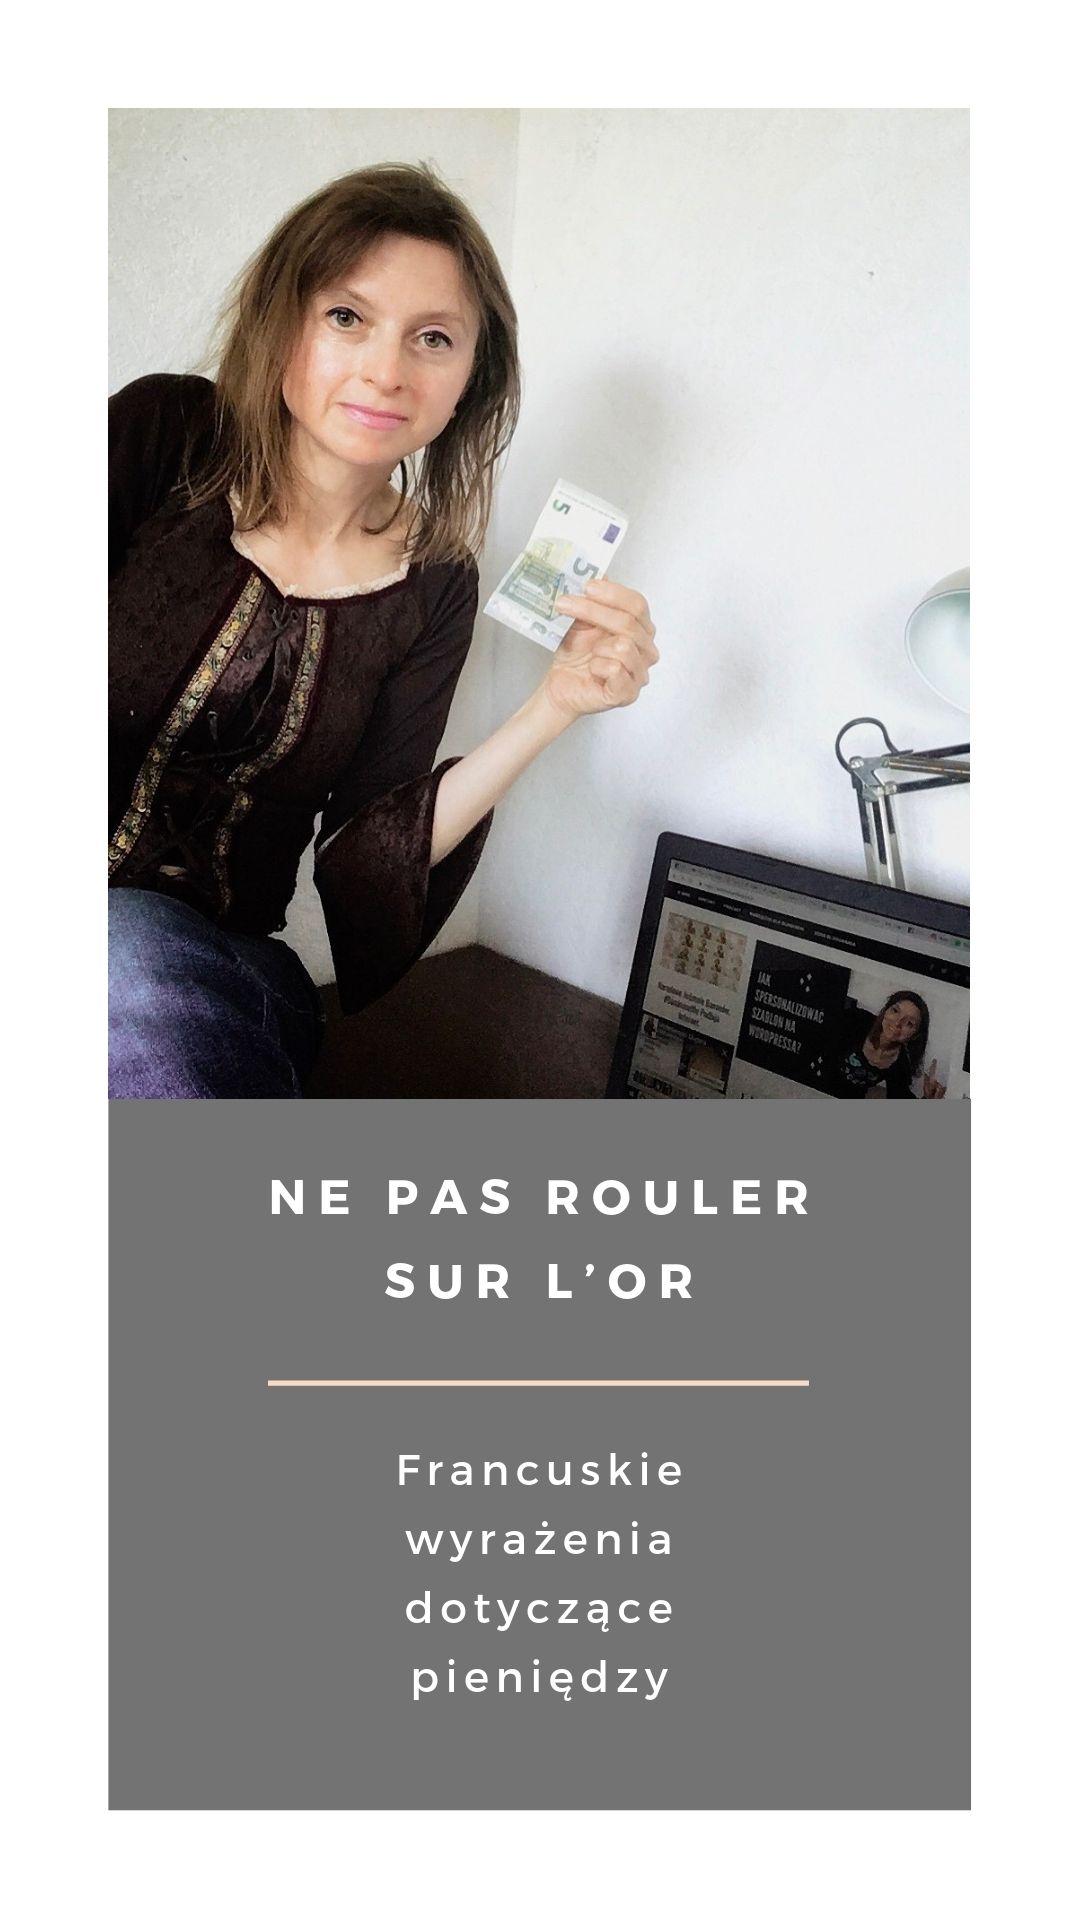 Francuskie wyrażenia dotyczące pieniędzy